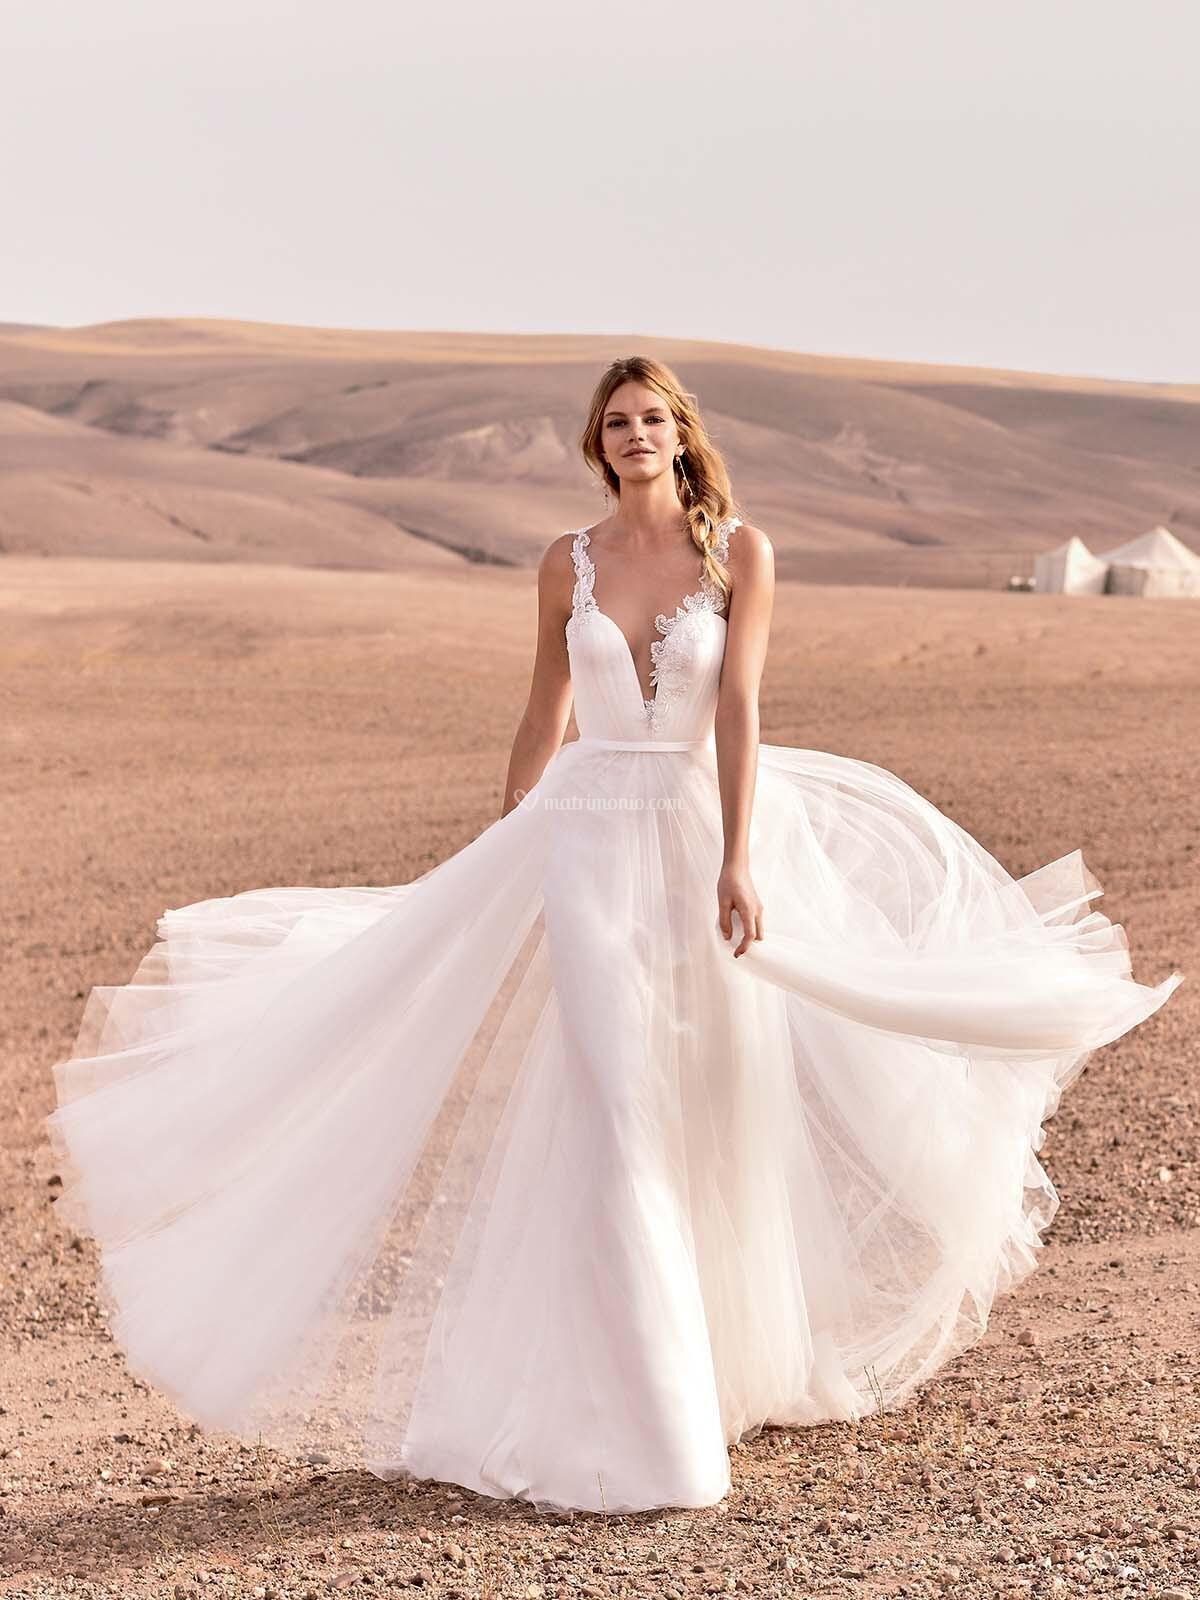 Abiti da sposa Como - Vestiti da sposa - Matrimonio, Nozze